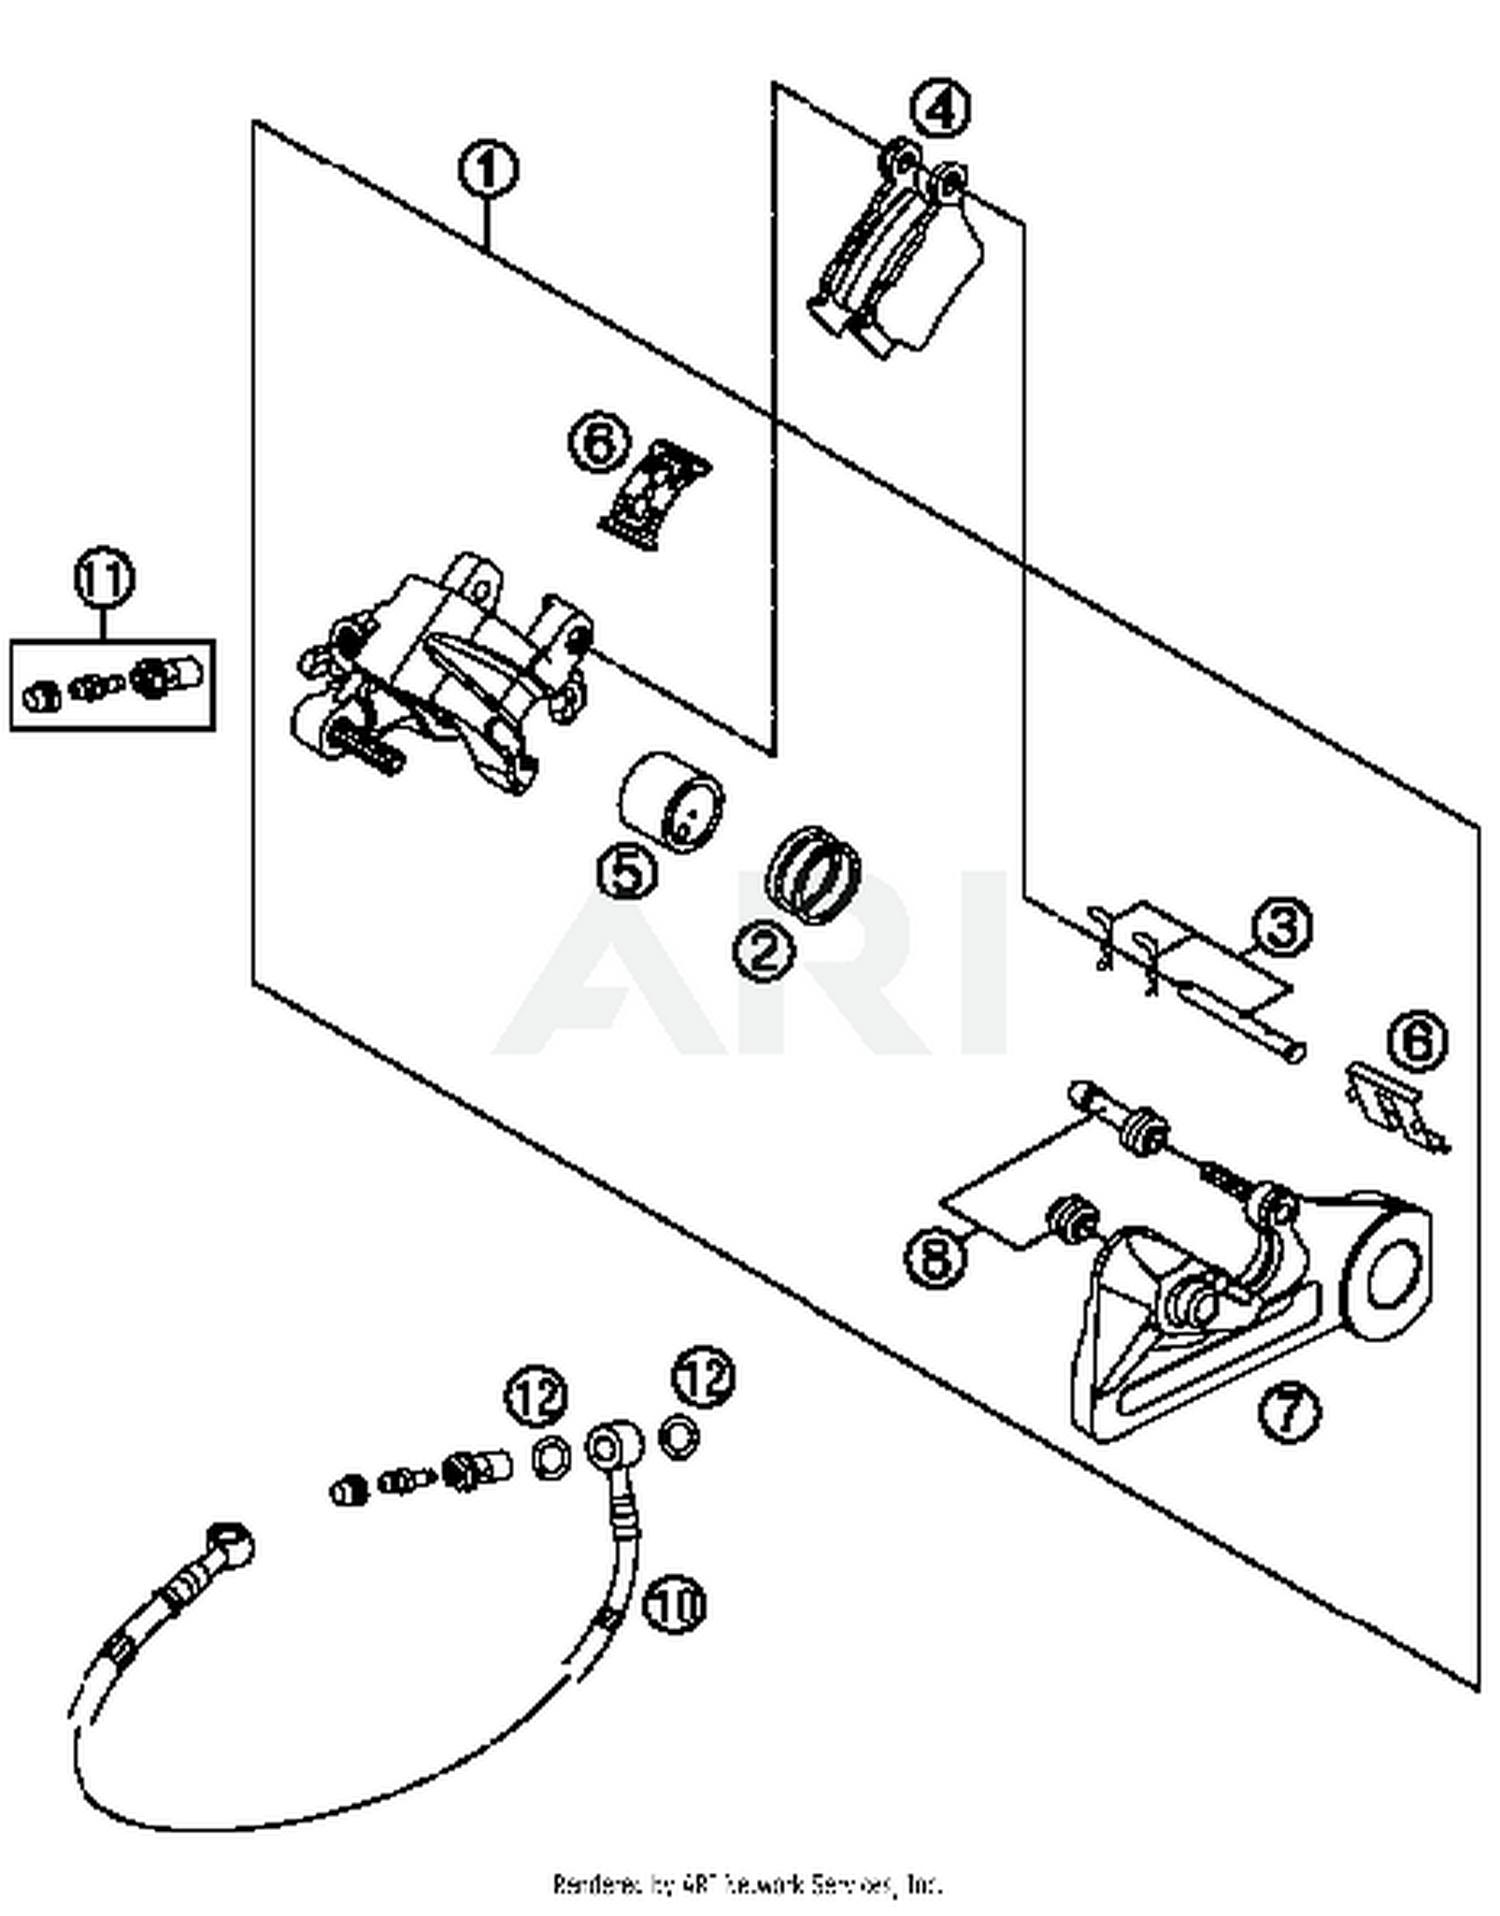 1994 Ktm Wiring Diagram - Wiring Diagrams